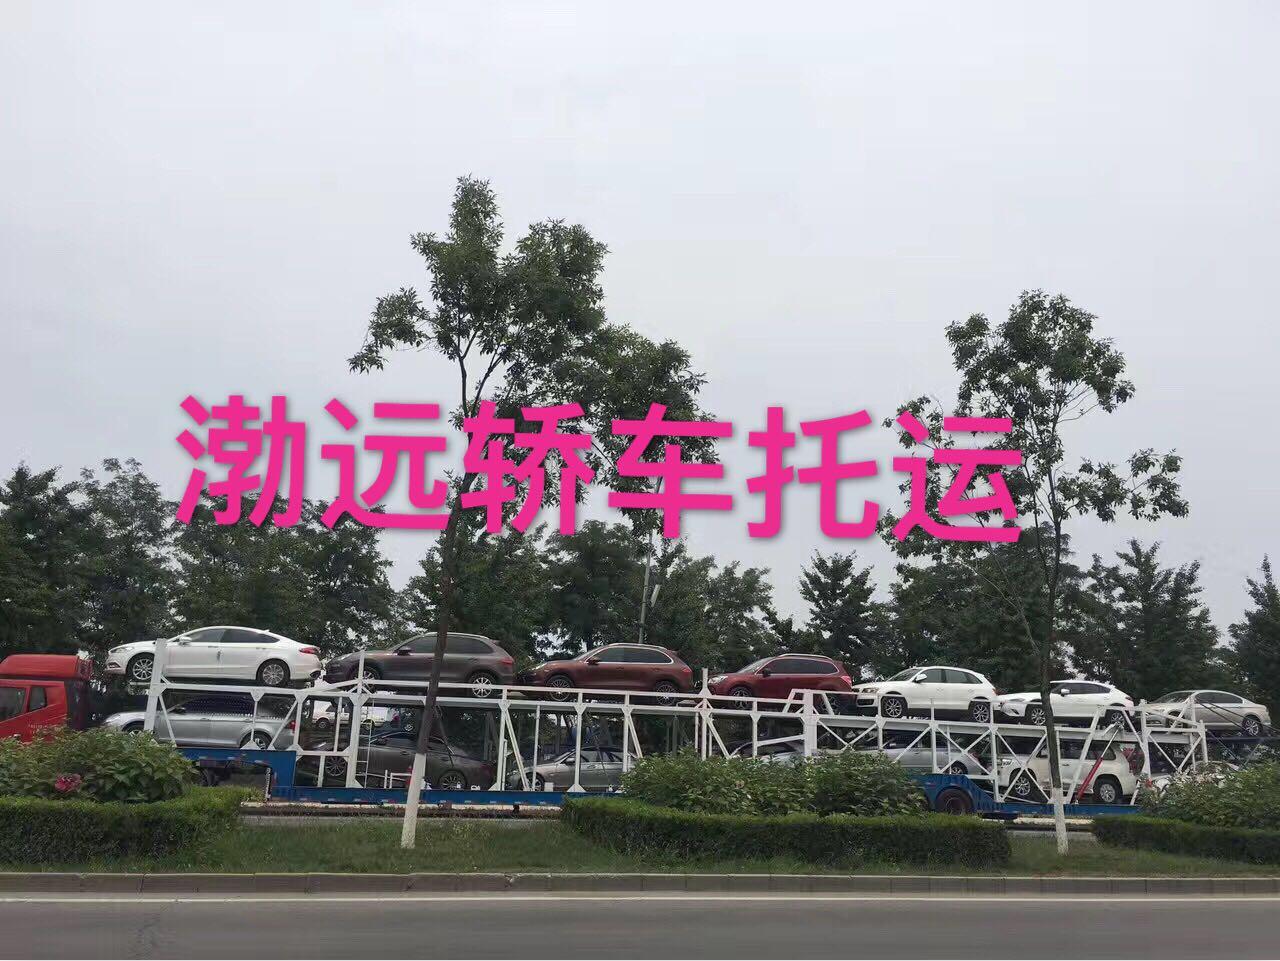 茂名托运一台私家小轿车到天津大概多少钱呢!!1\《专线往返》